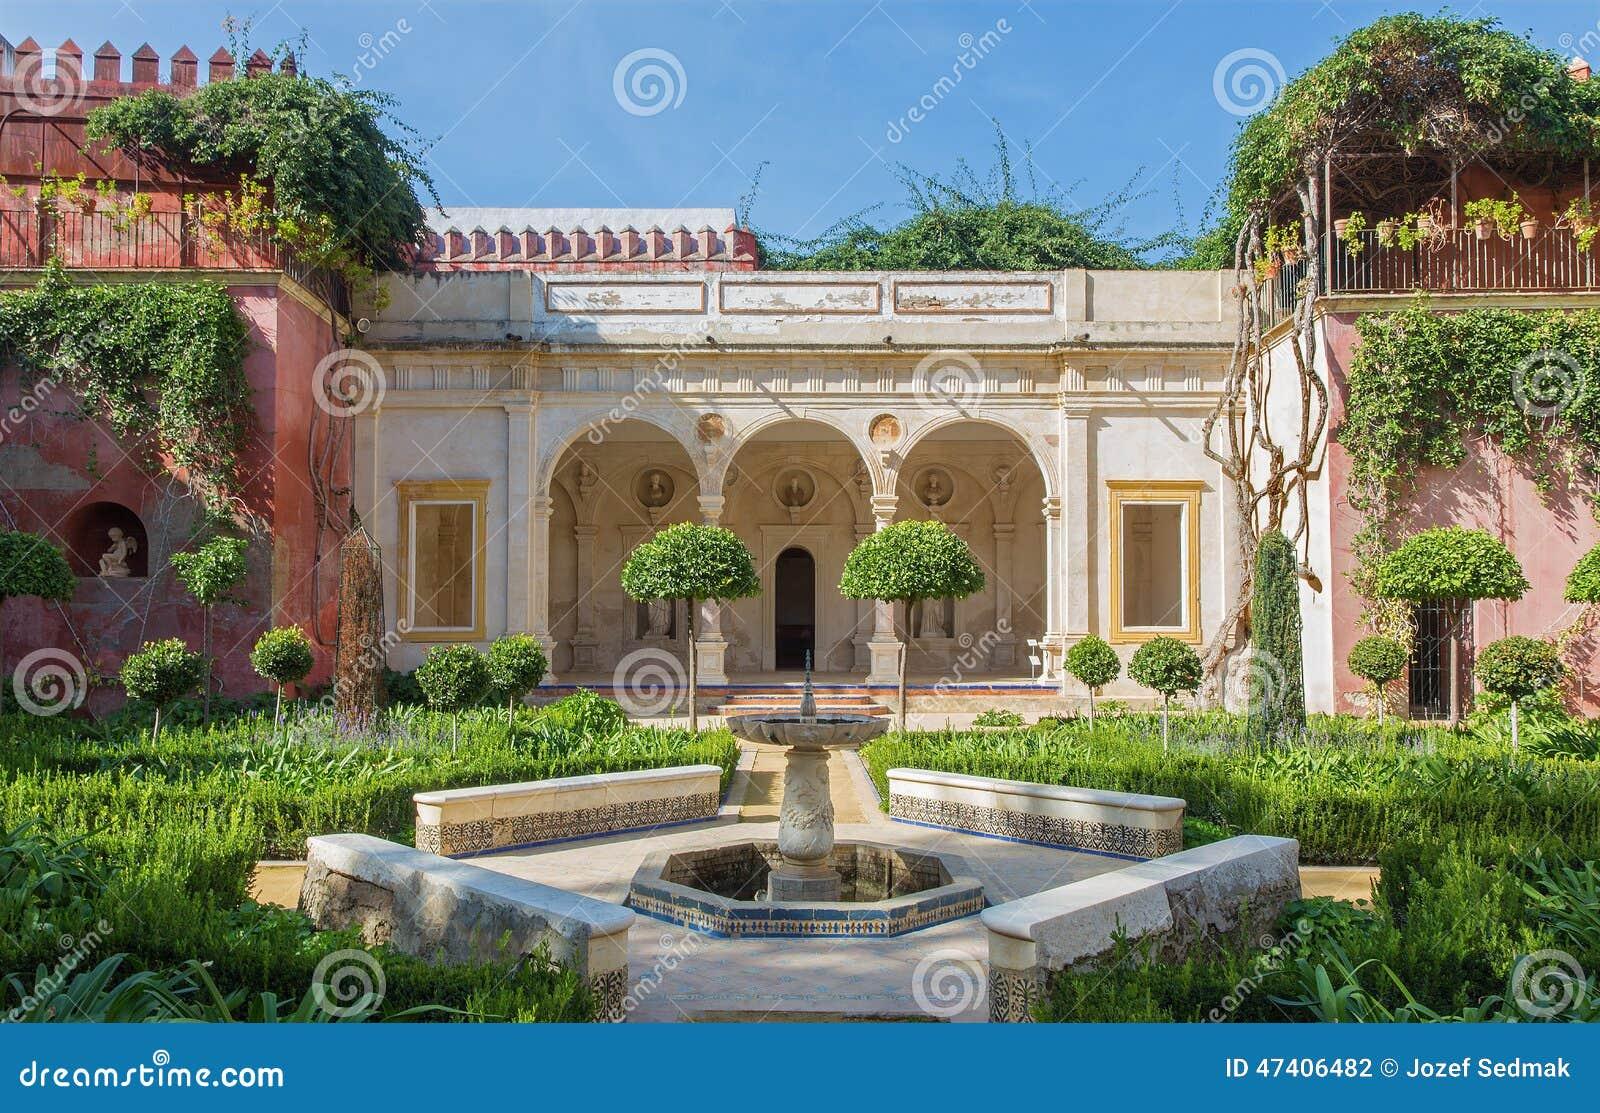 Sevilla la fachada y los jardines de casa de pilatos for Casa y jardin tienda madrid